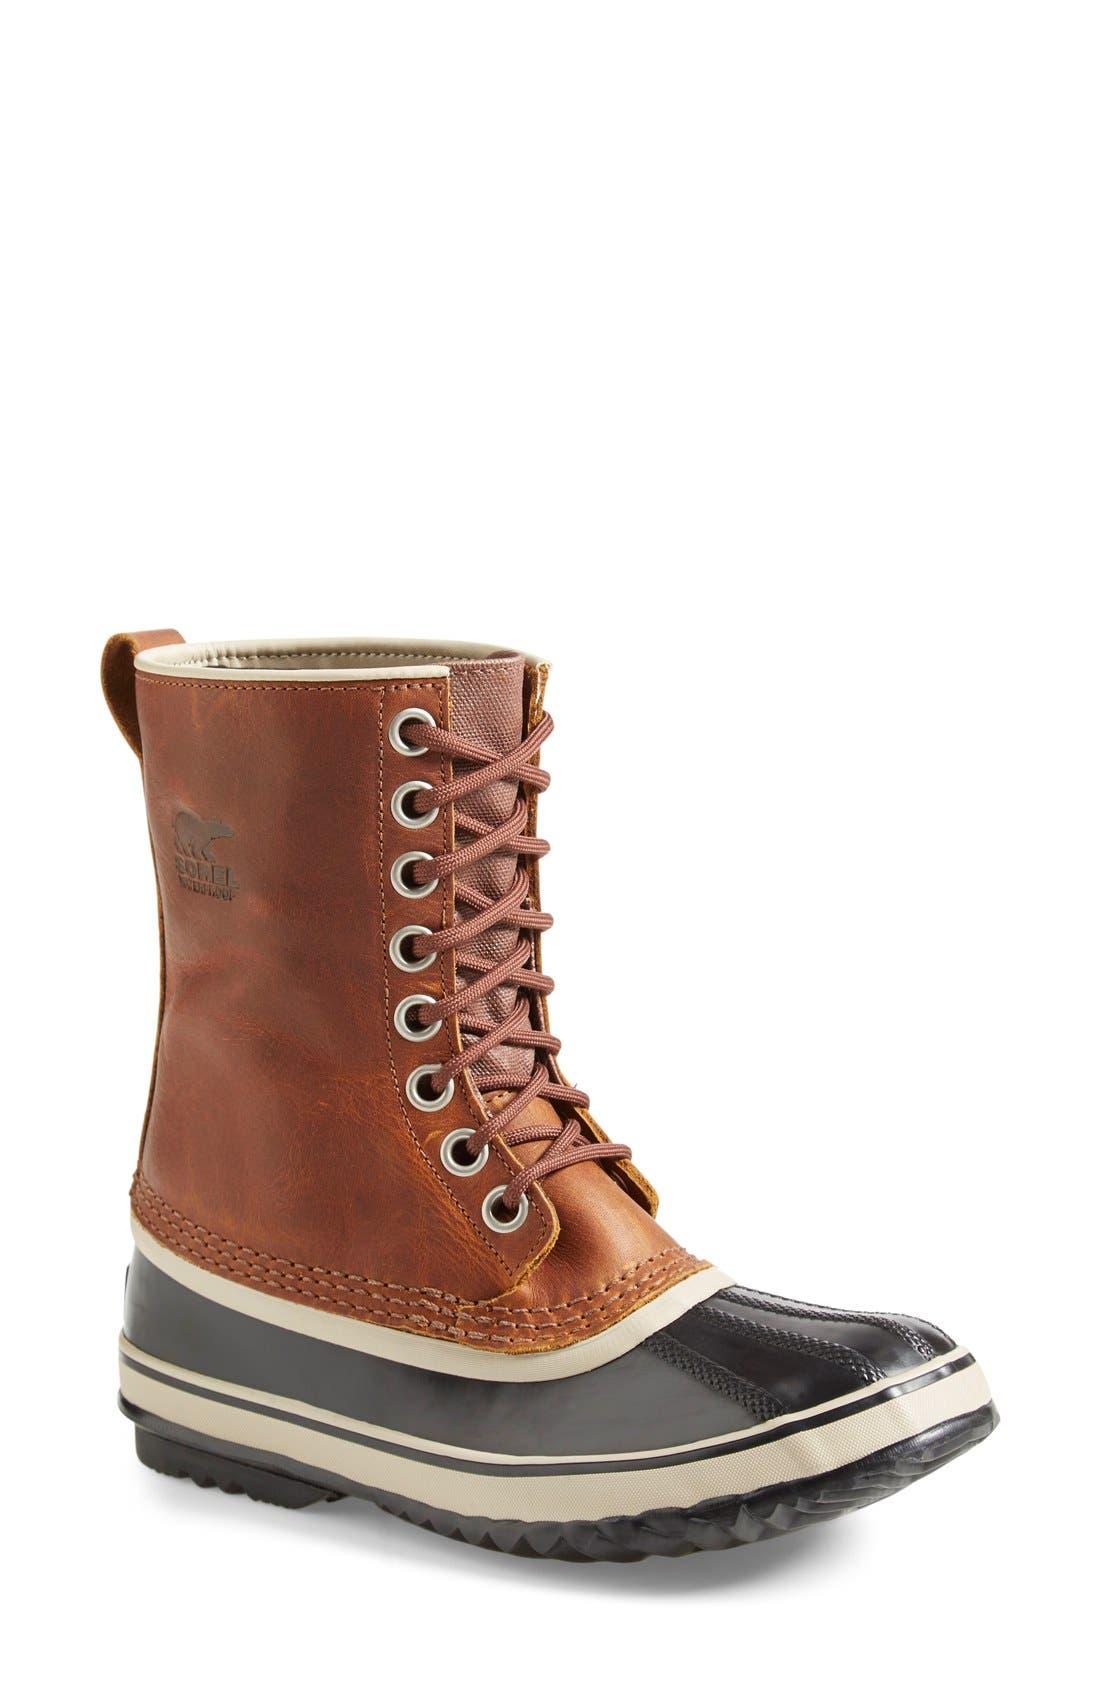 Alternate Image 1 Selected - SOREL '1964 Premium' Boot (Women)